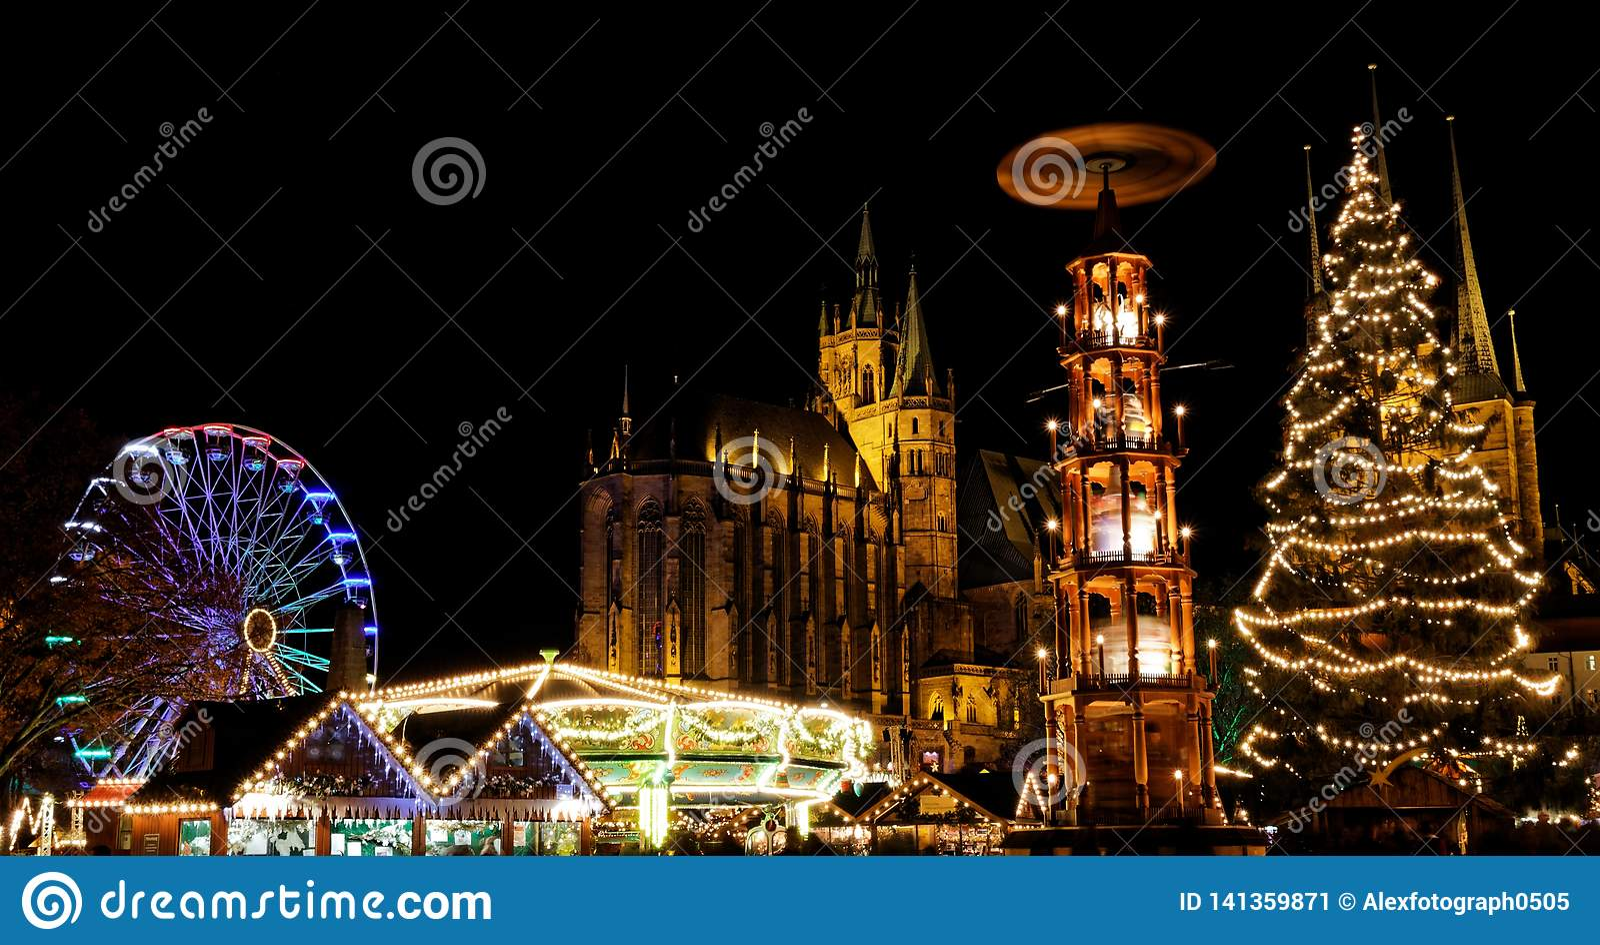 Αγορά Χριστουγέννων στην Ερφούρτη με την άποψη πέρα από το χριστουγεννιάτικο δέντρο και pyramide στον καθεδρικό ναό